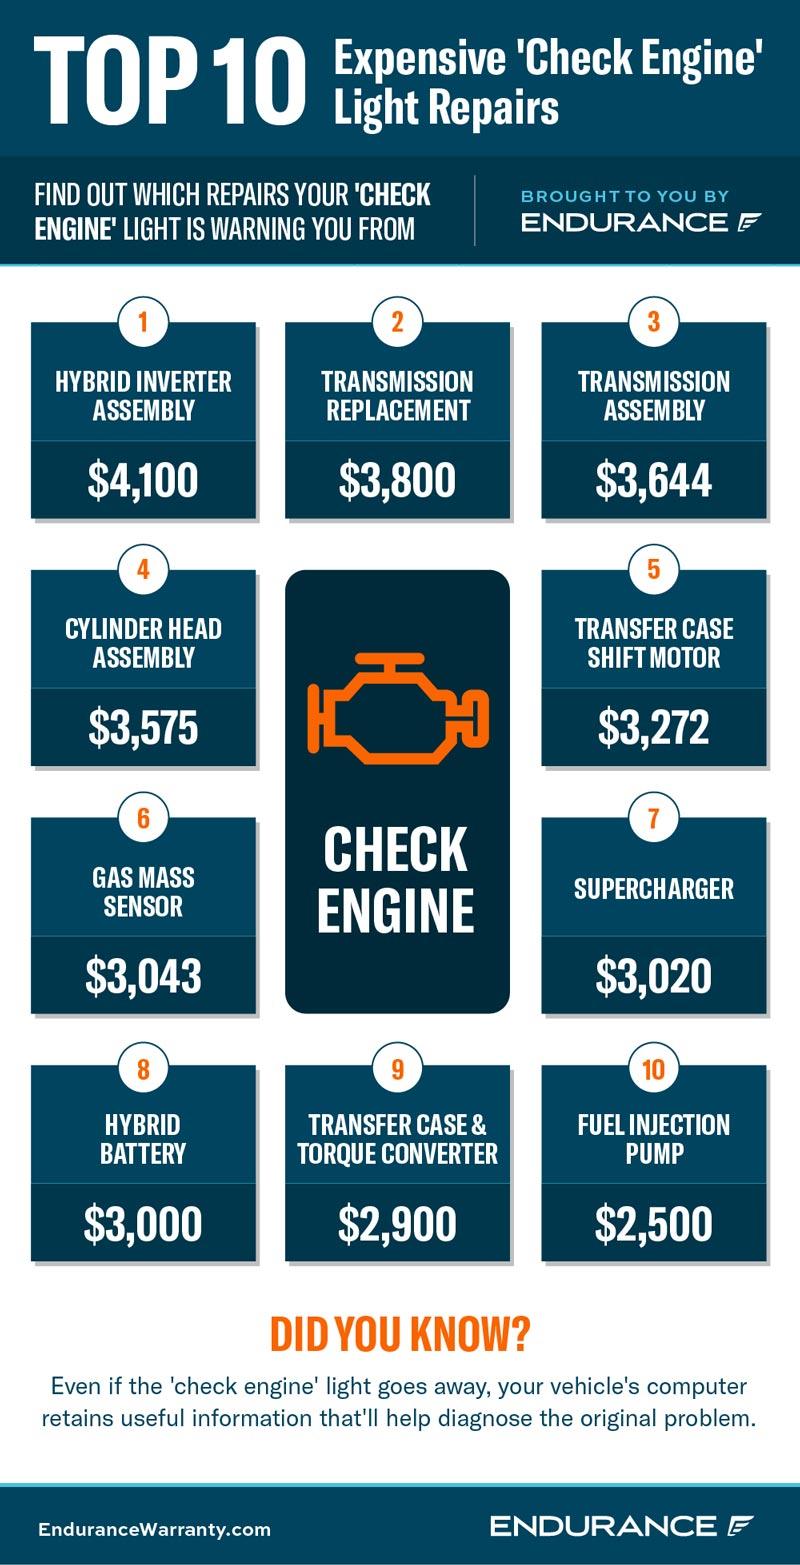 Check-Engine-Repairs